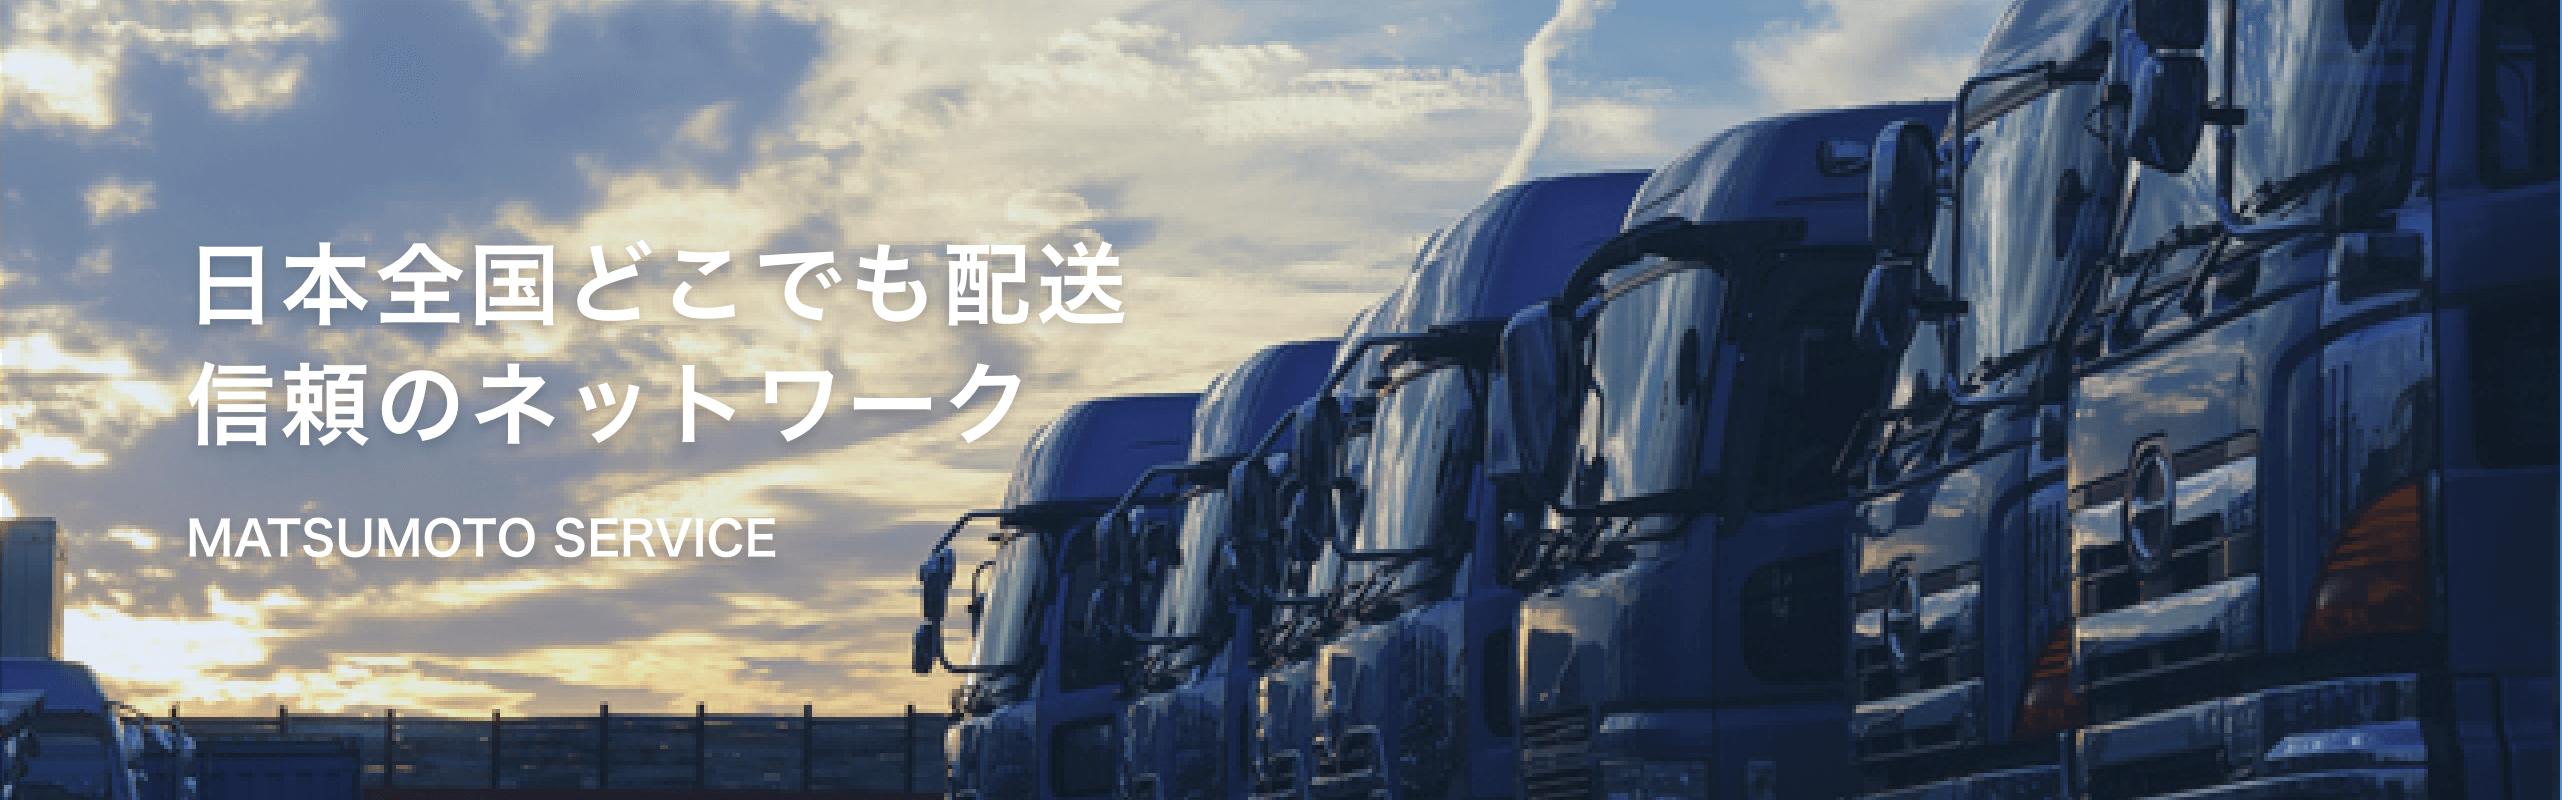 日本全国どこでも配送 信頼のネットワーク